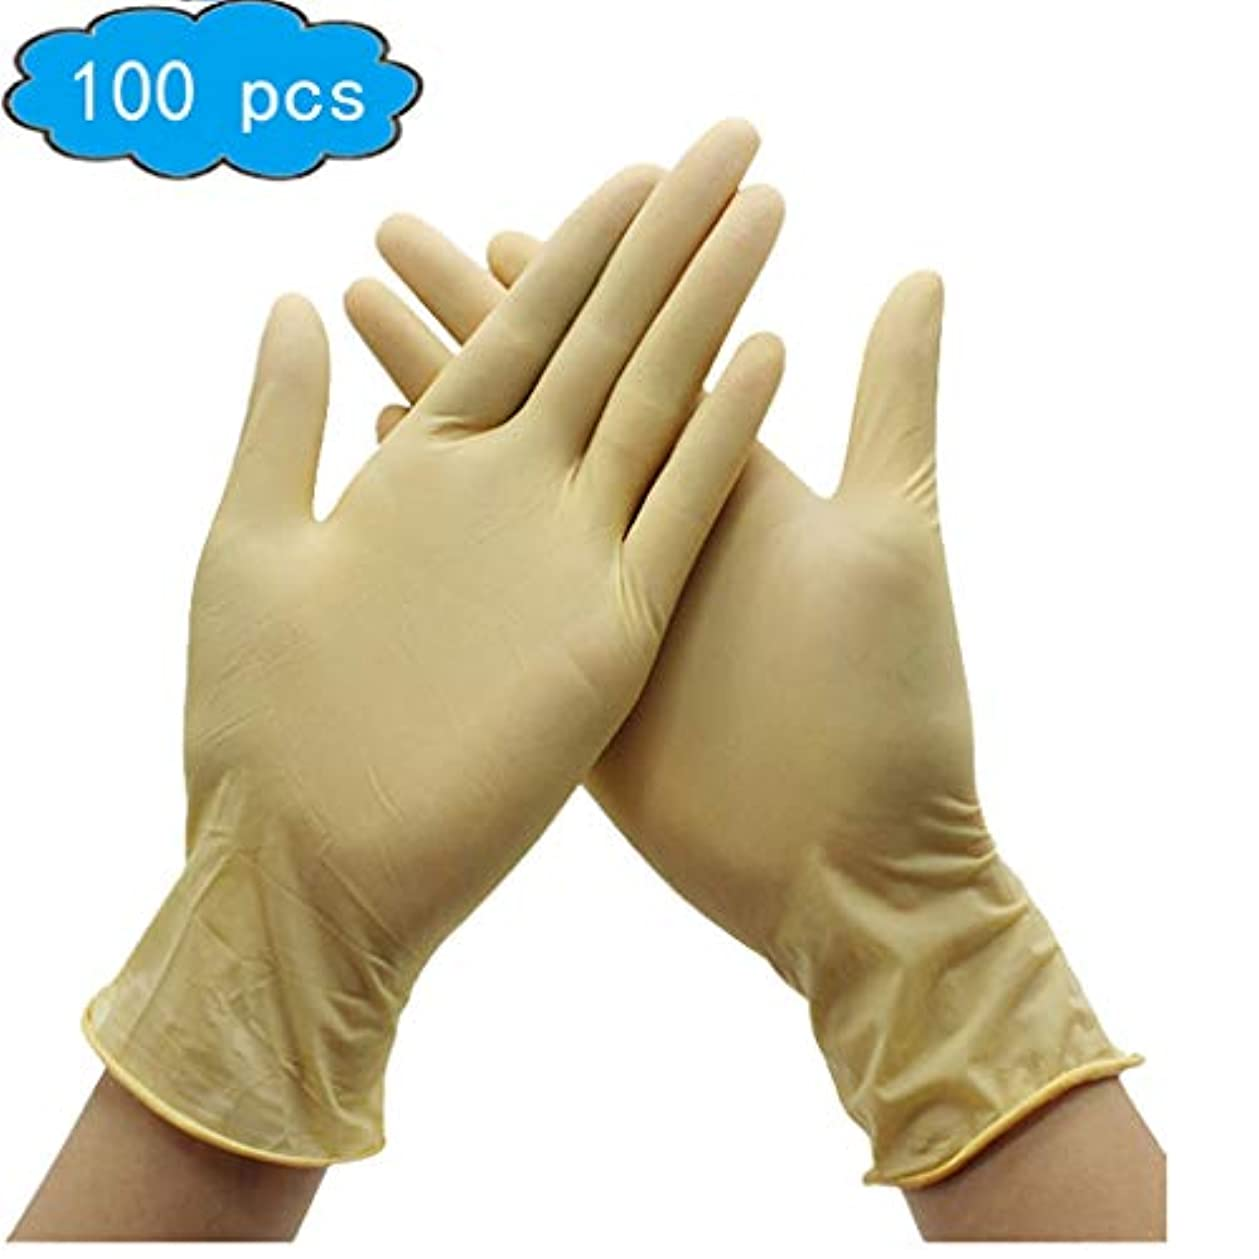 ボクシング国民投票一時停止ラテックス手袋、試験/食品グレードの安全製品、使い捨て手袋および手袋Dispensers 100psc、衛生手袋、健康、家庭用ベビーケア (Color : Beige, Size : L)